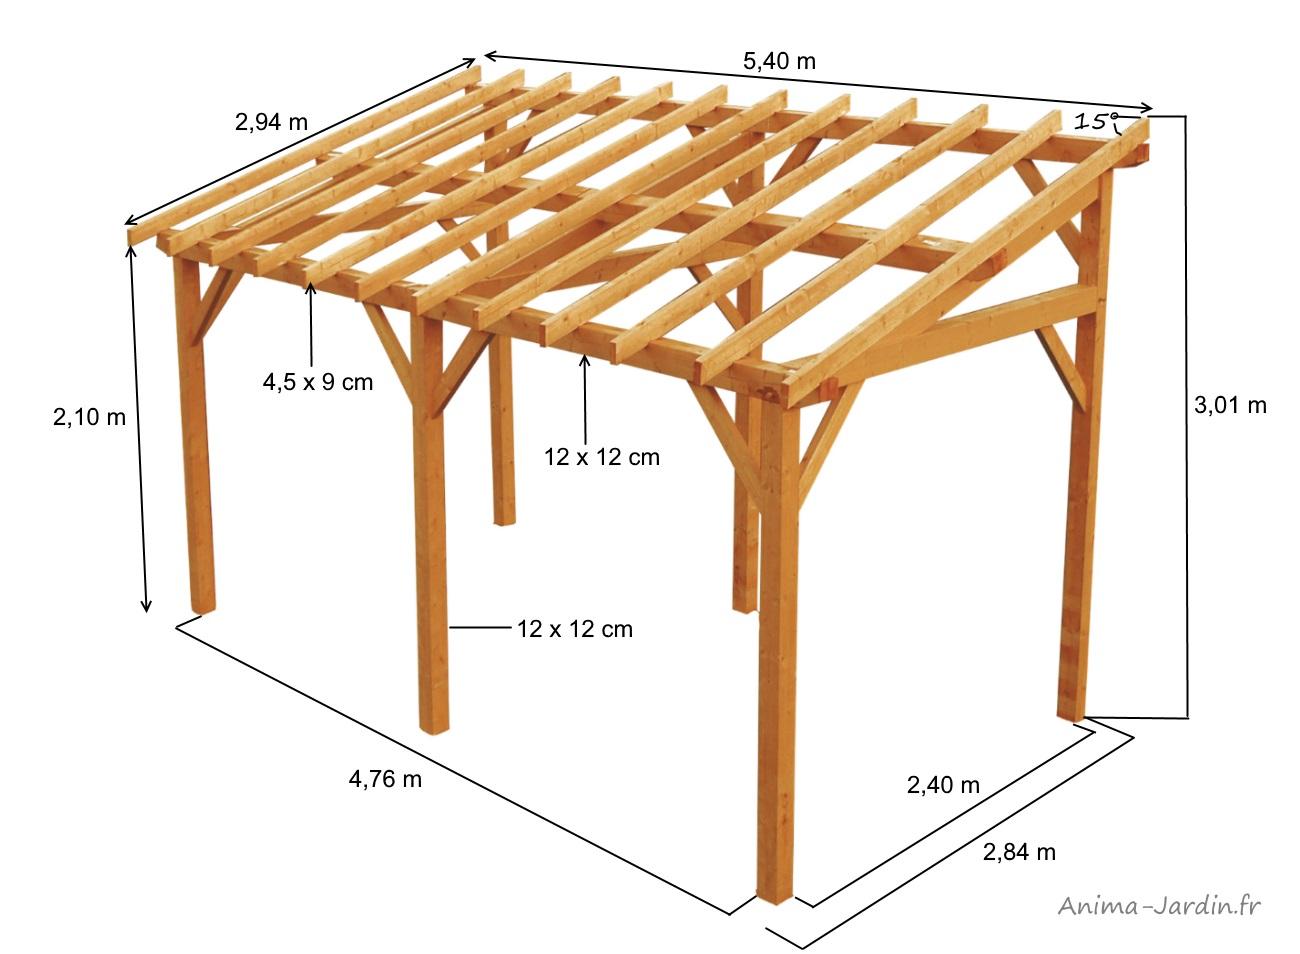 structure en bois-vanoise-15m²-rangement-voiture-carport-bûcher-anima-jardin.fr